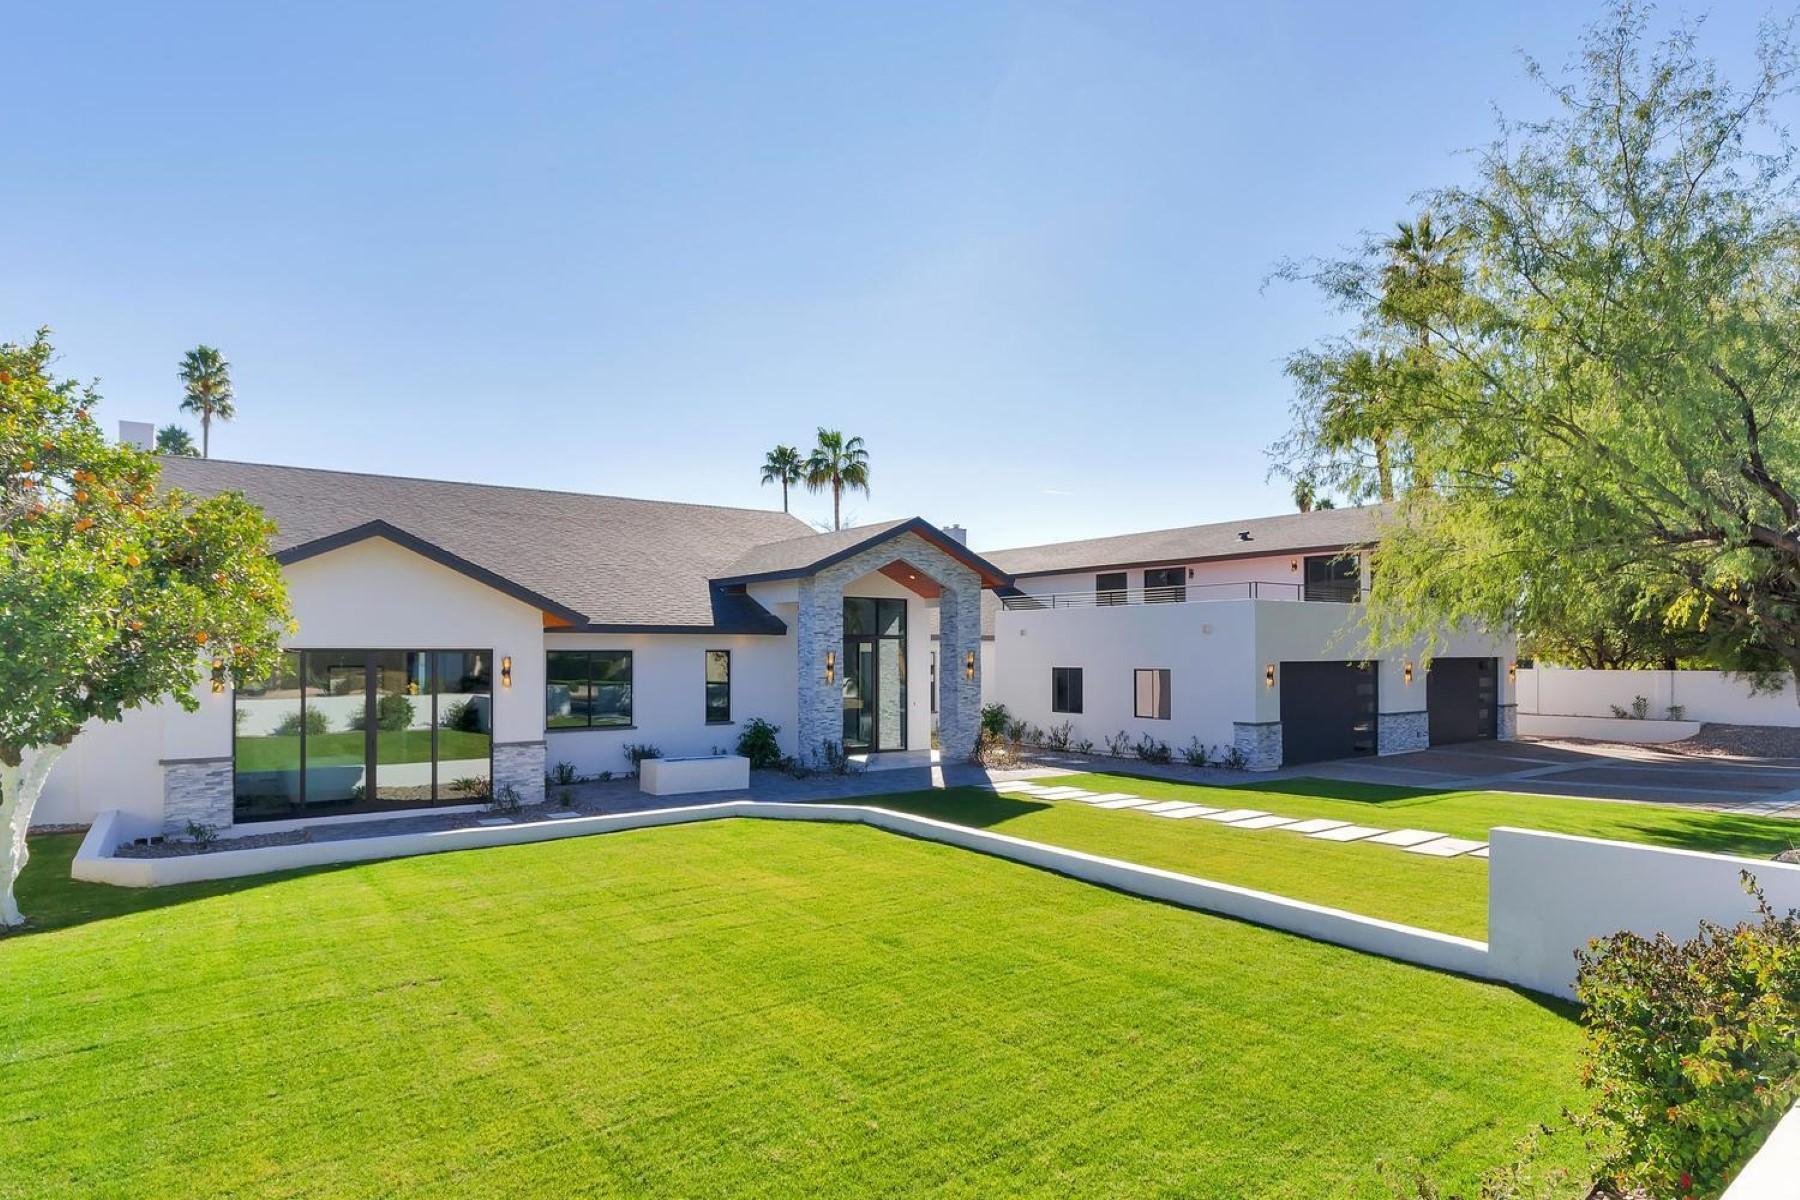 단독 가정 주택 용 매매 에 New contemporary home in the heart of Arcadia 5633 E Lafayette Blvd Phoenix, 아리조나, 85018 미국